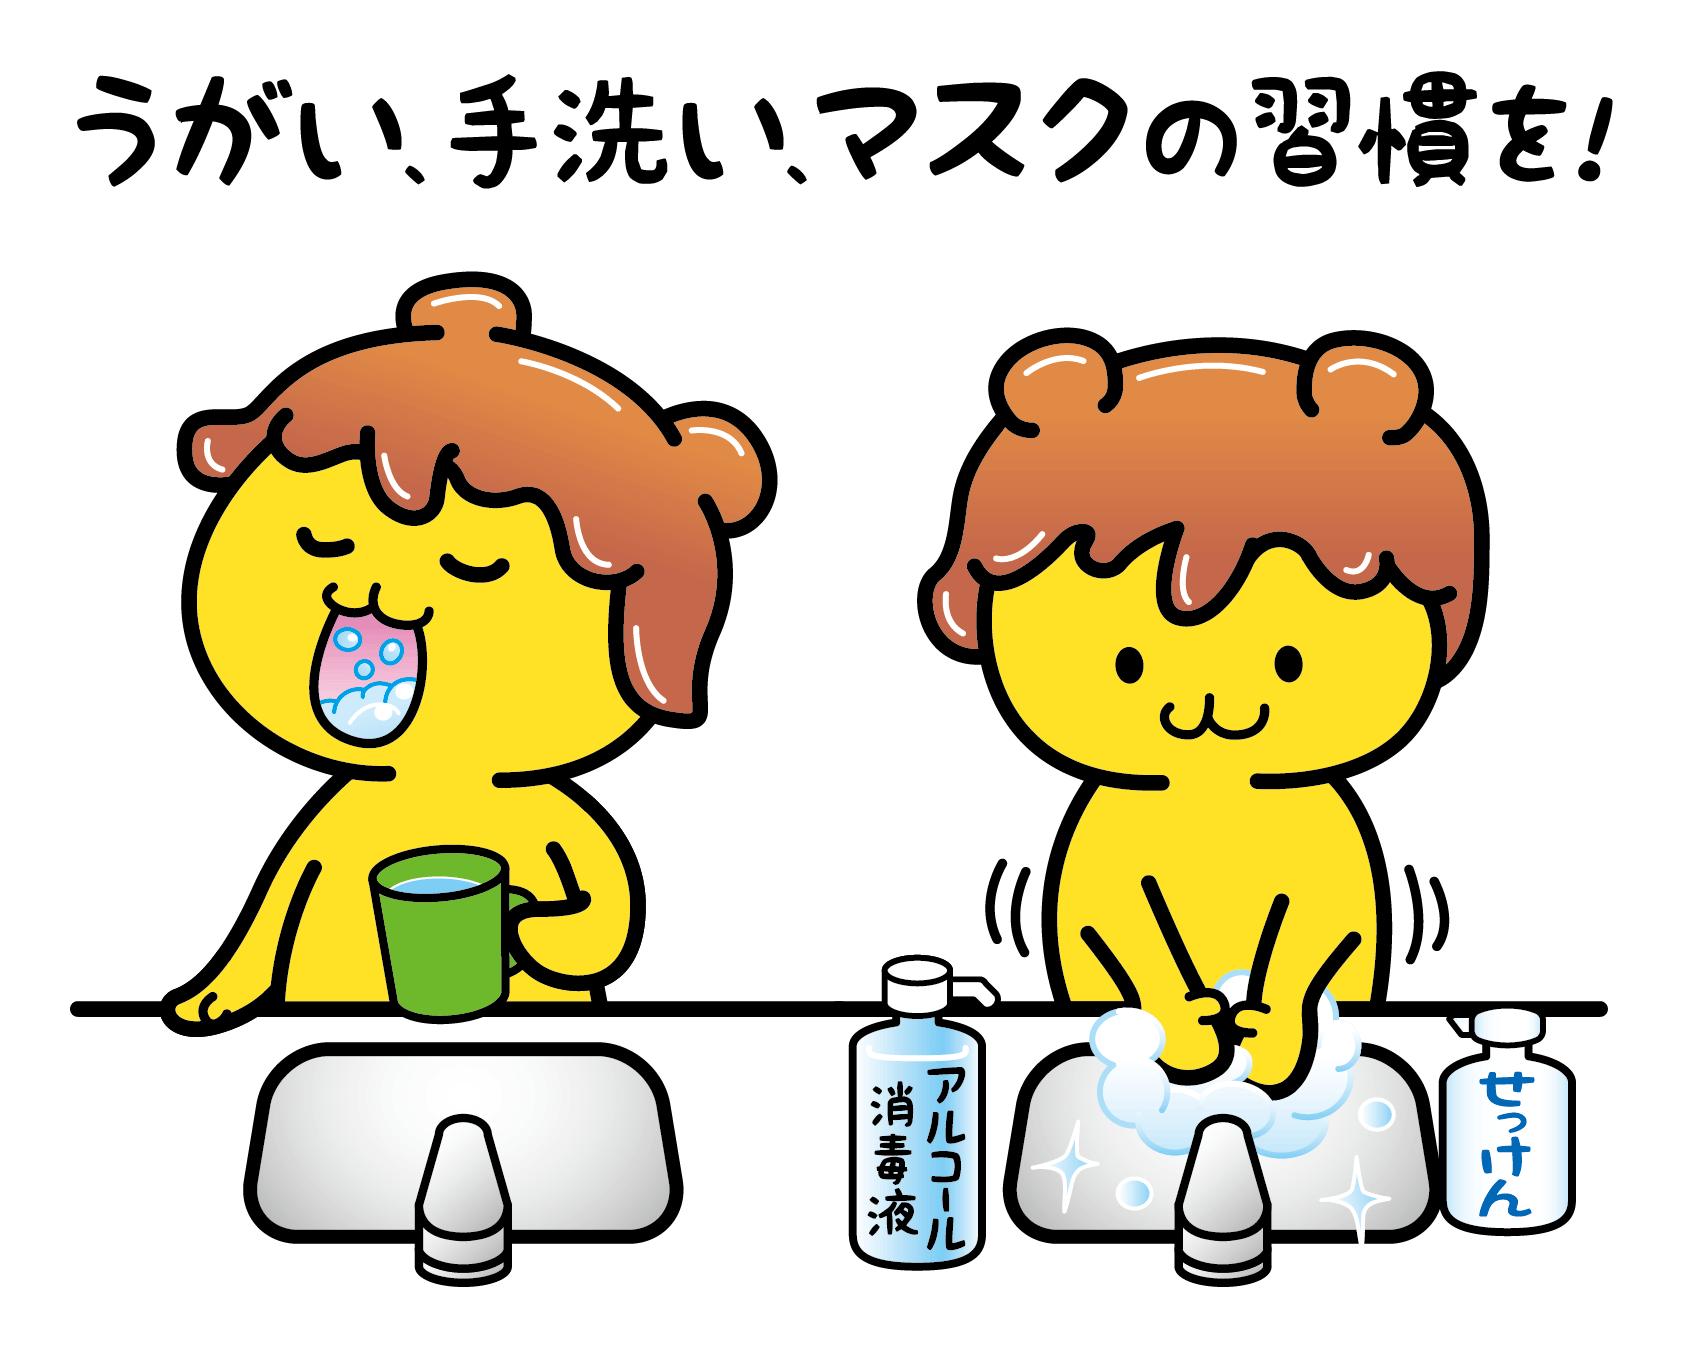 コロナ 埼玉 県 秩父